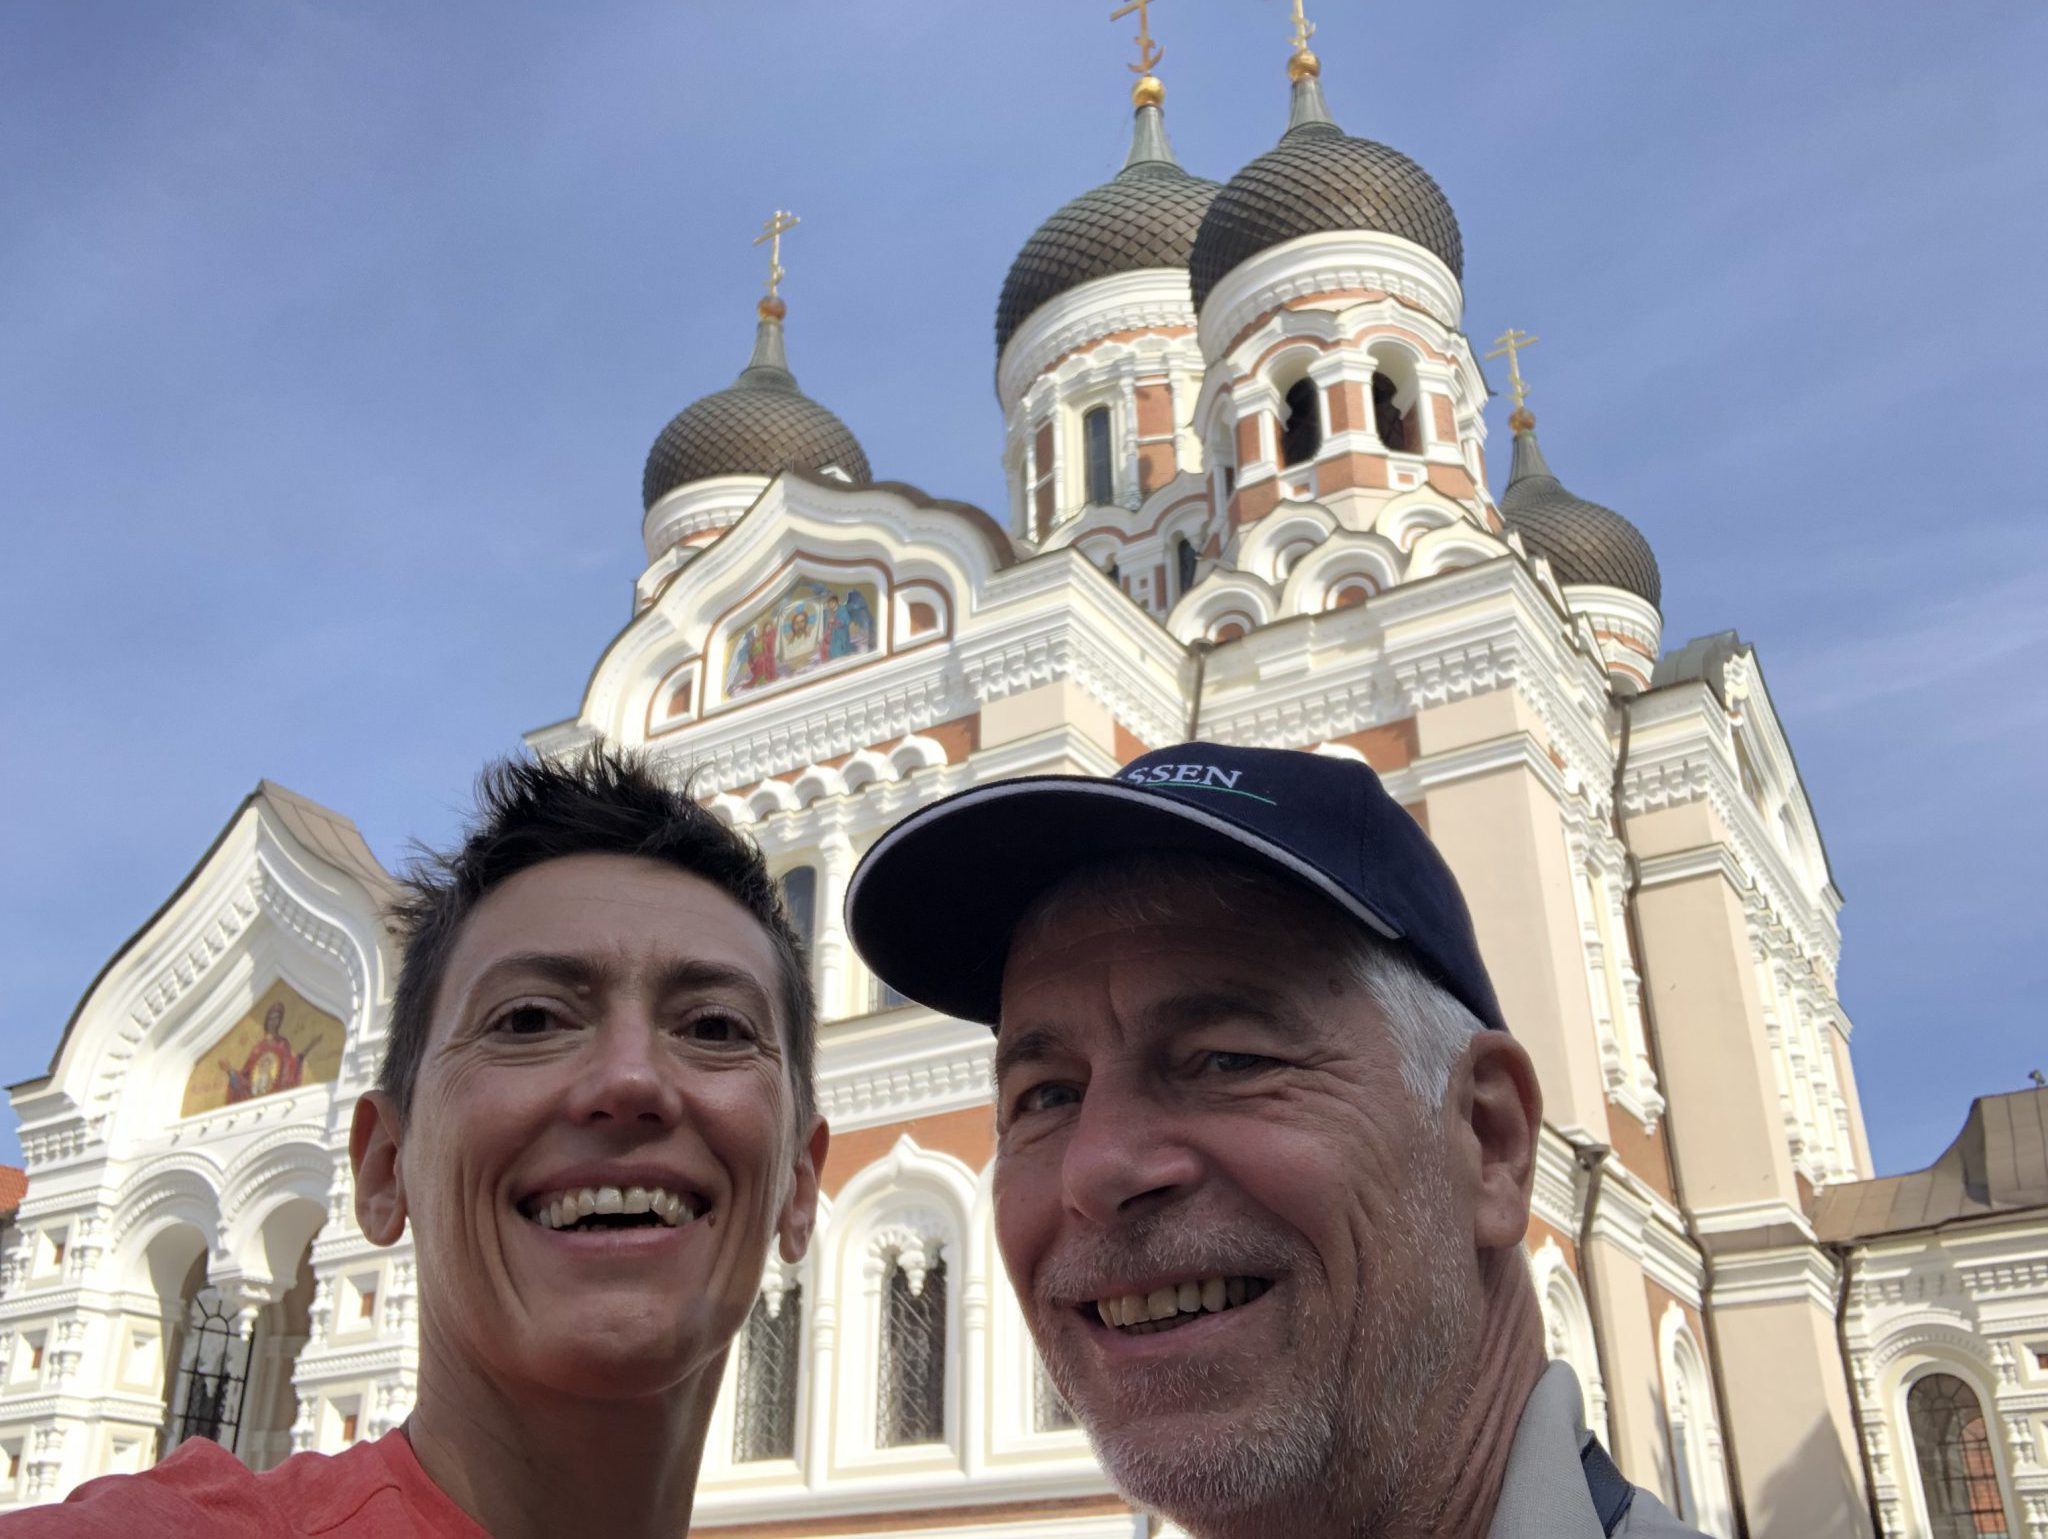 Ursula Fischer und der Osteopath Normen Wolke aus Belrin vor der Orthodoxen Kirche in Tallinn